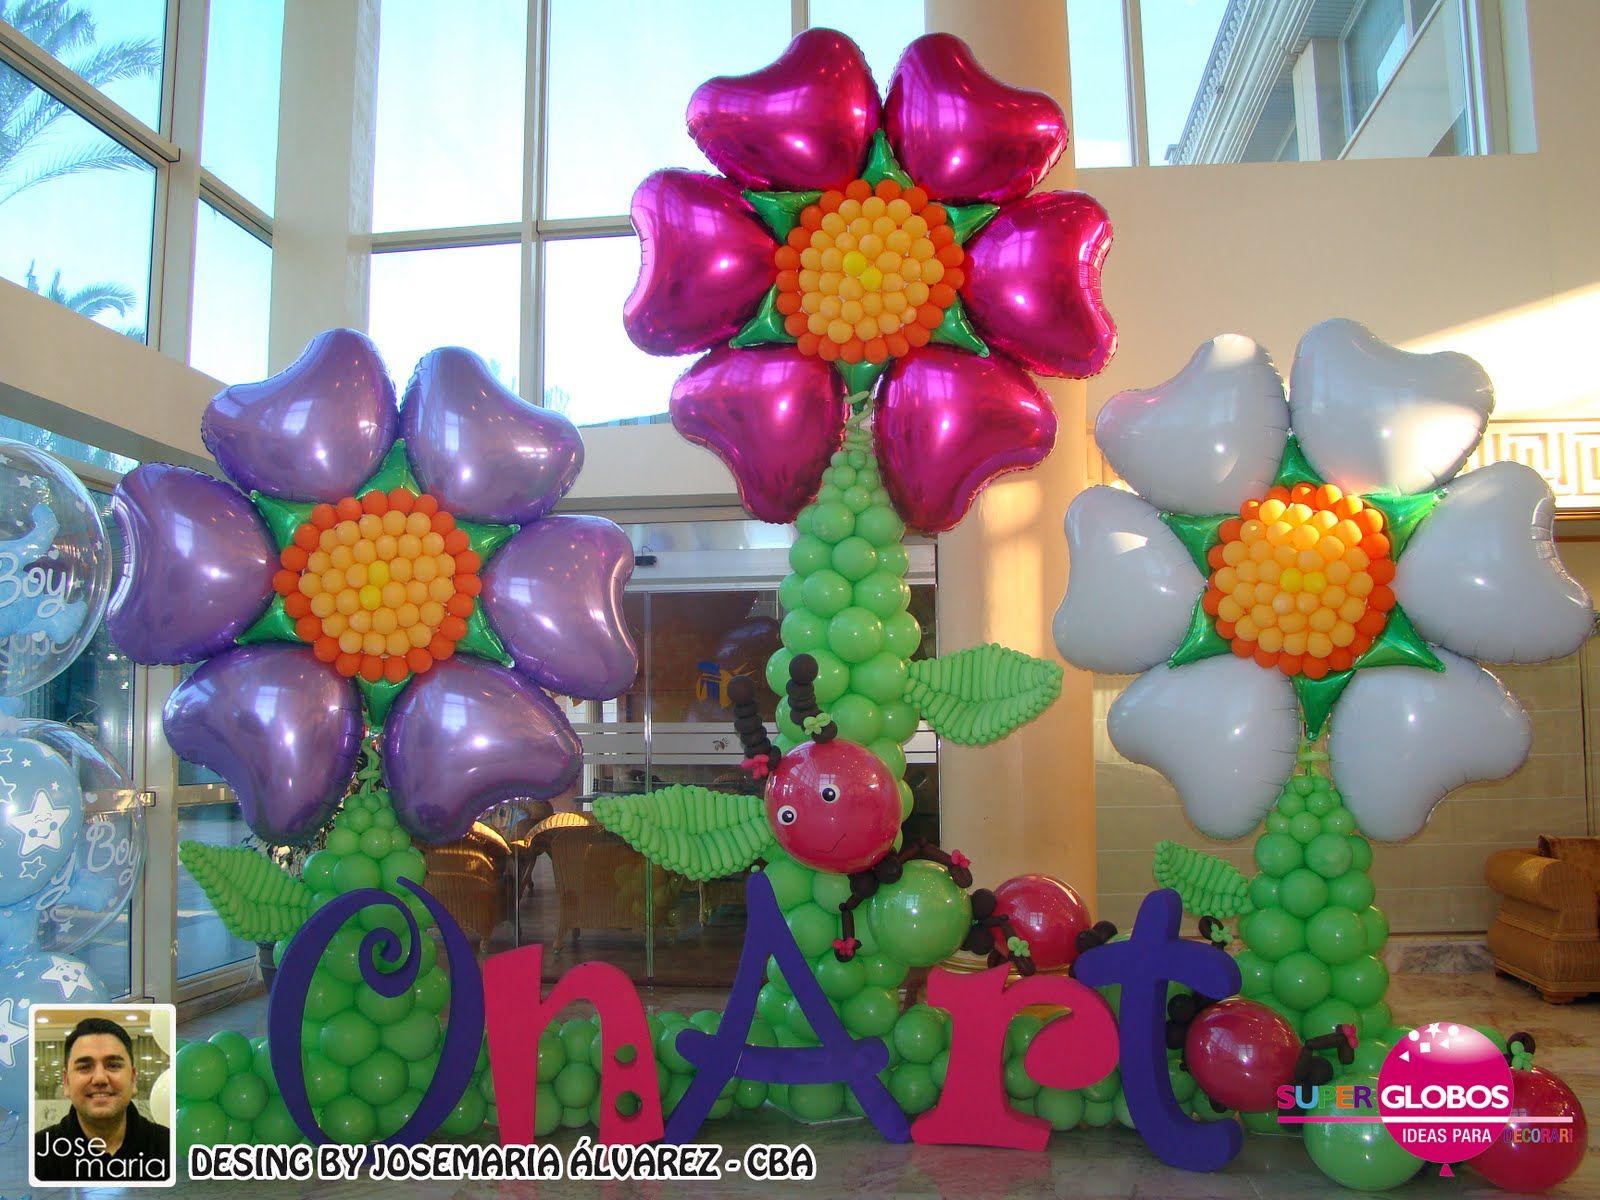 en super globos realizamos con globos para todo tipo de eventos y fiestas